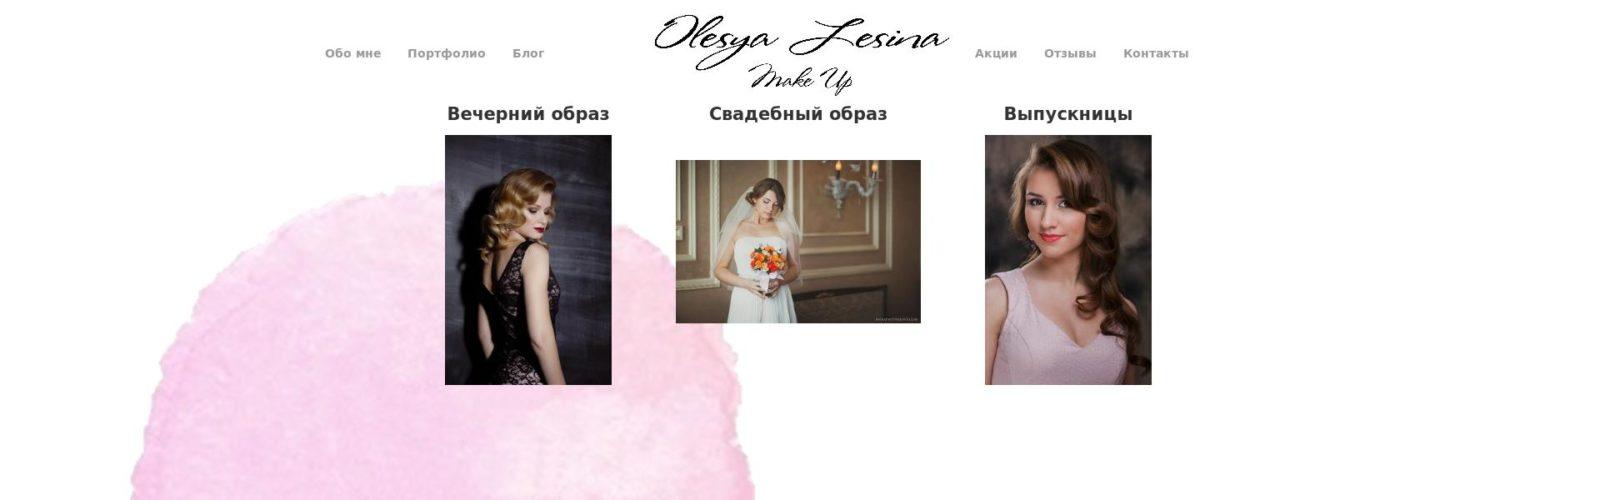 Создание персонального сайта стилиста Олеси Лесиной